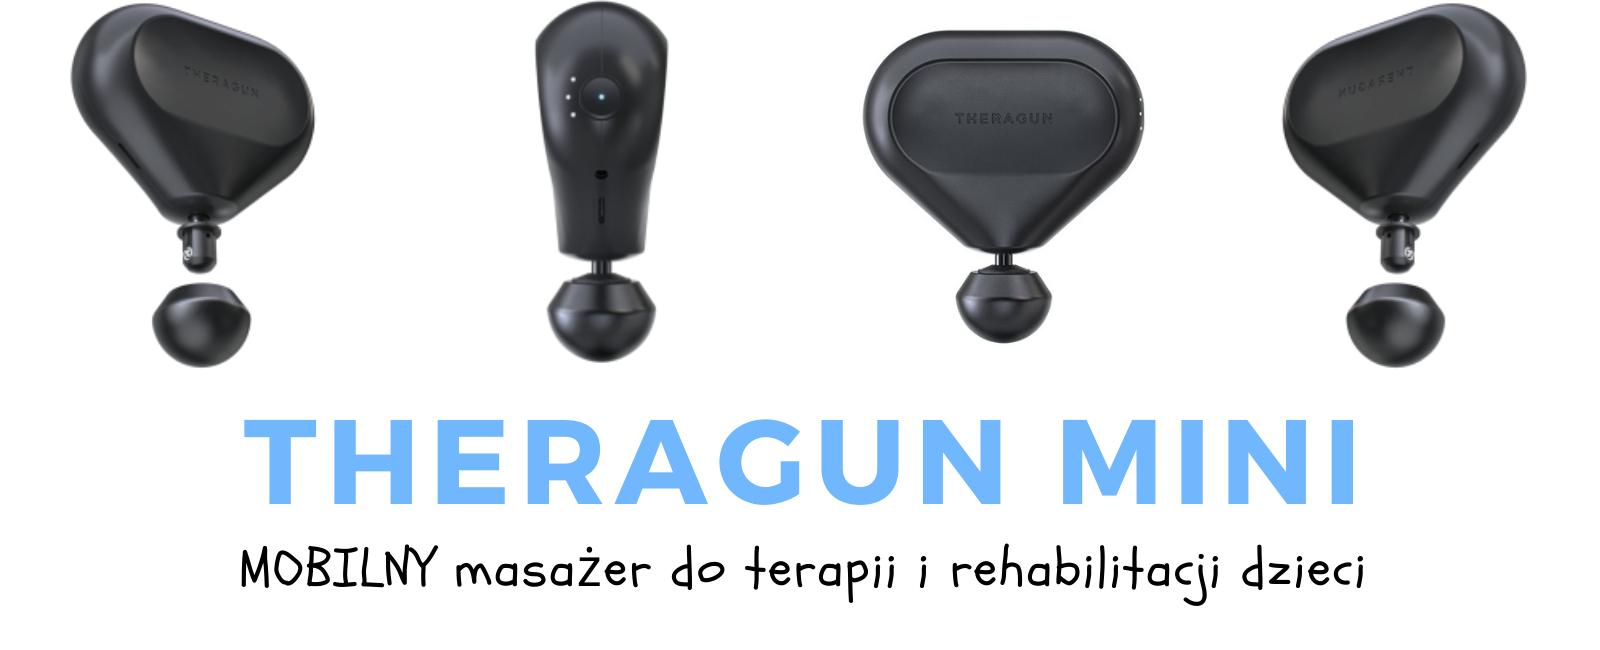 Theragun Mini Masazer Miesni Dla Dzieci Masazer Do Fizjoterapii Dzieciecej.jpg